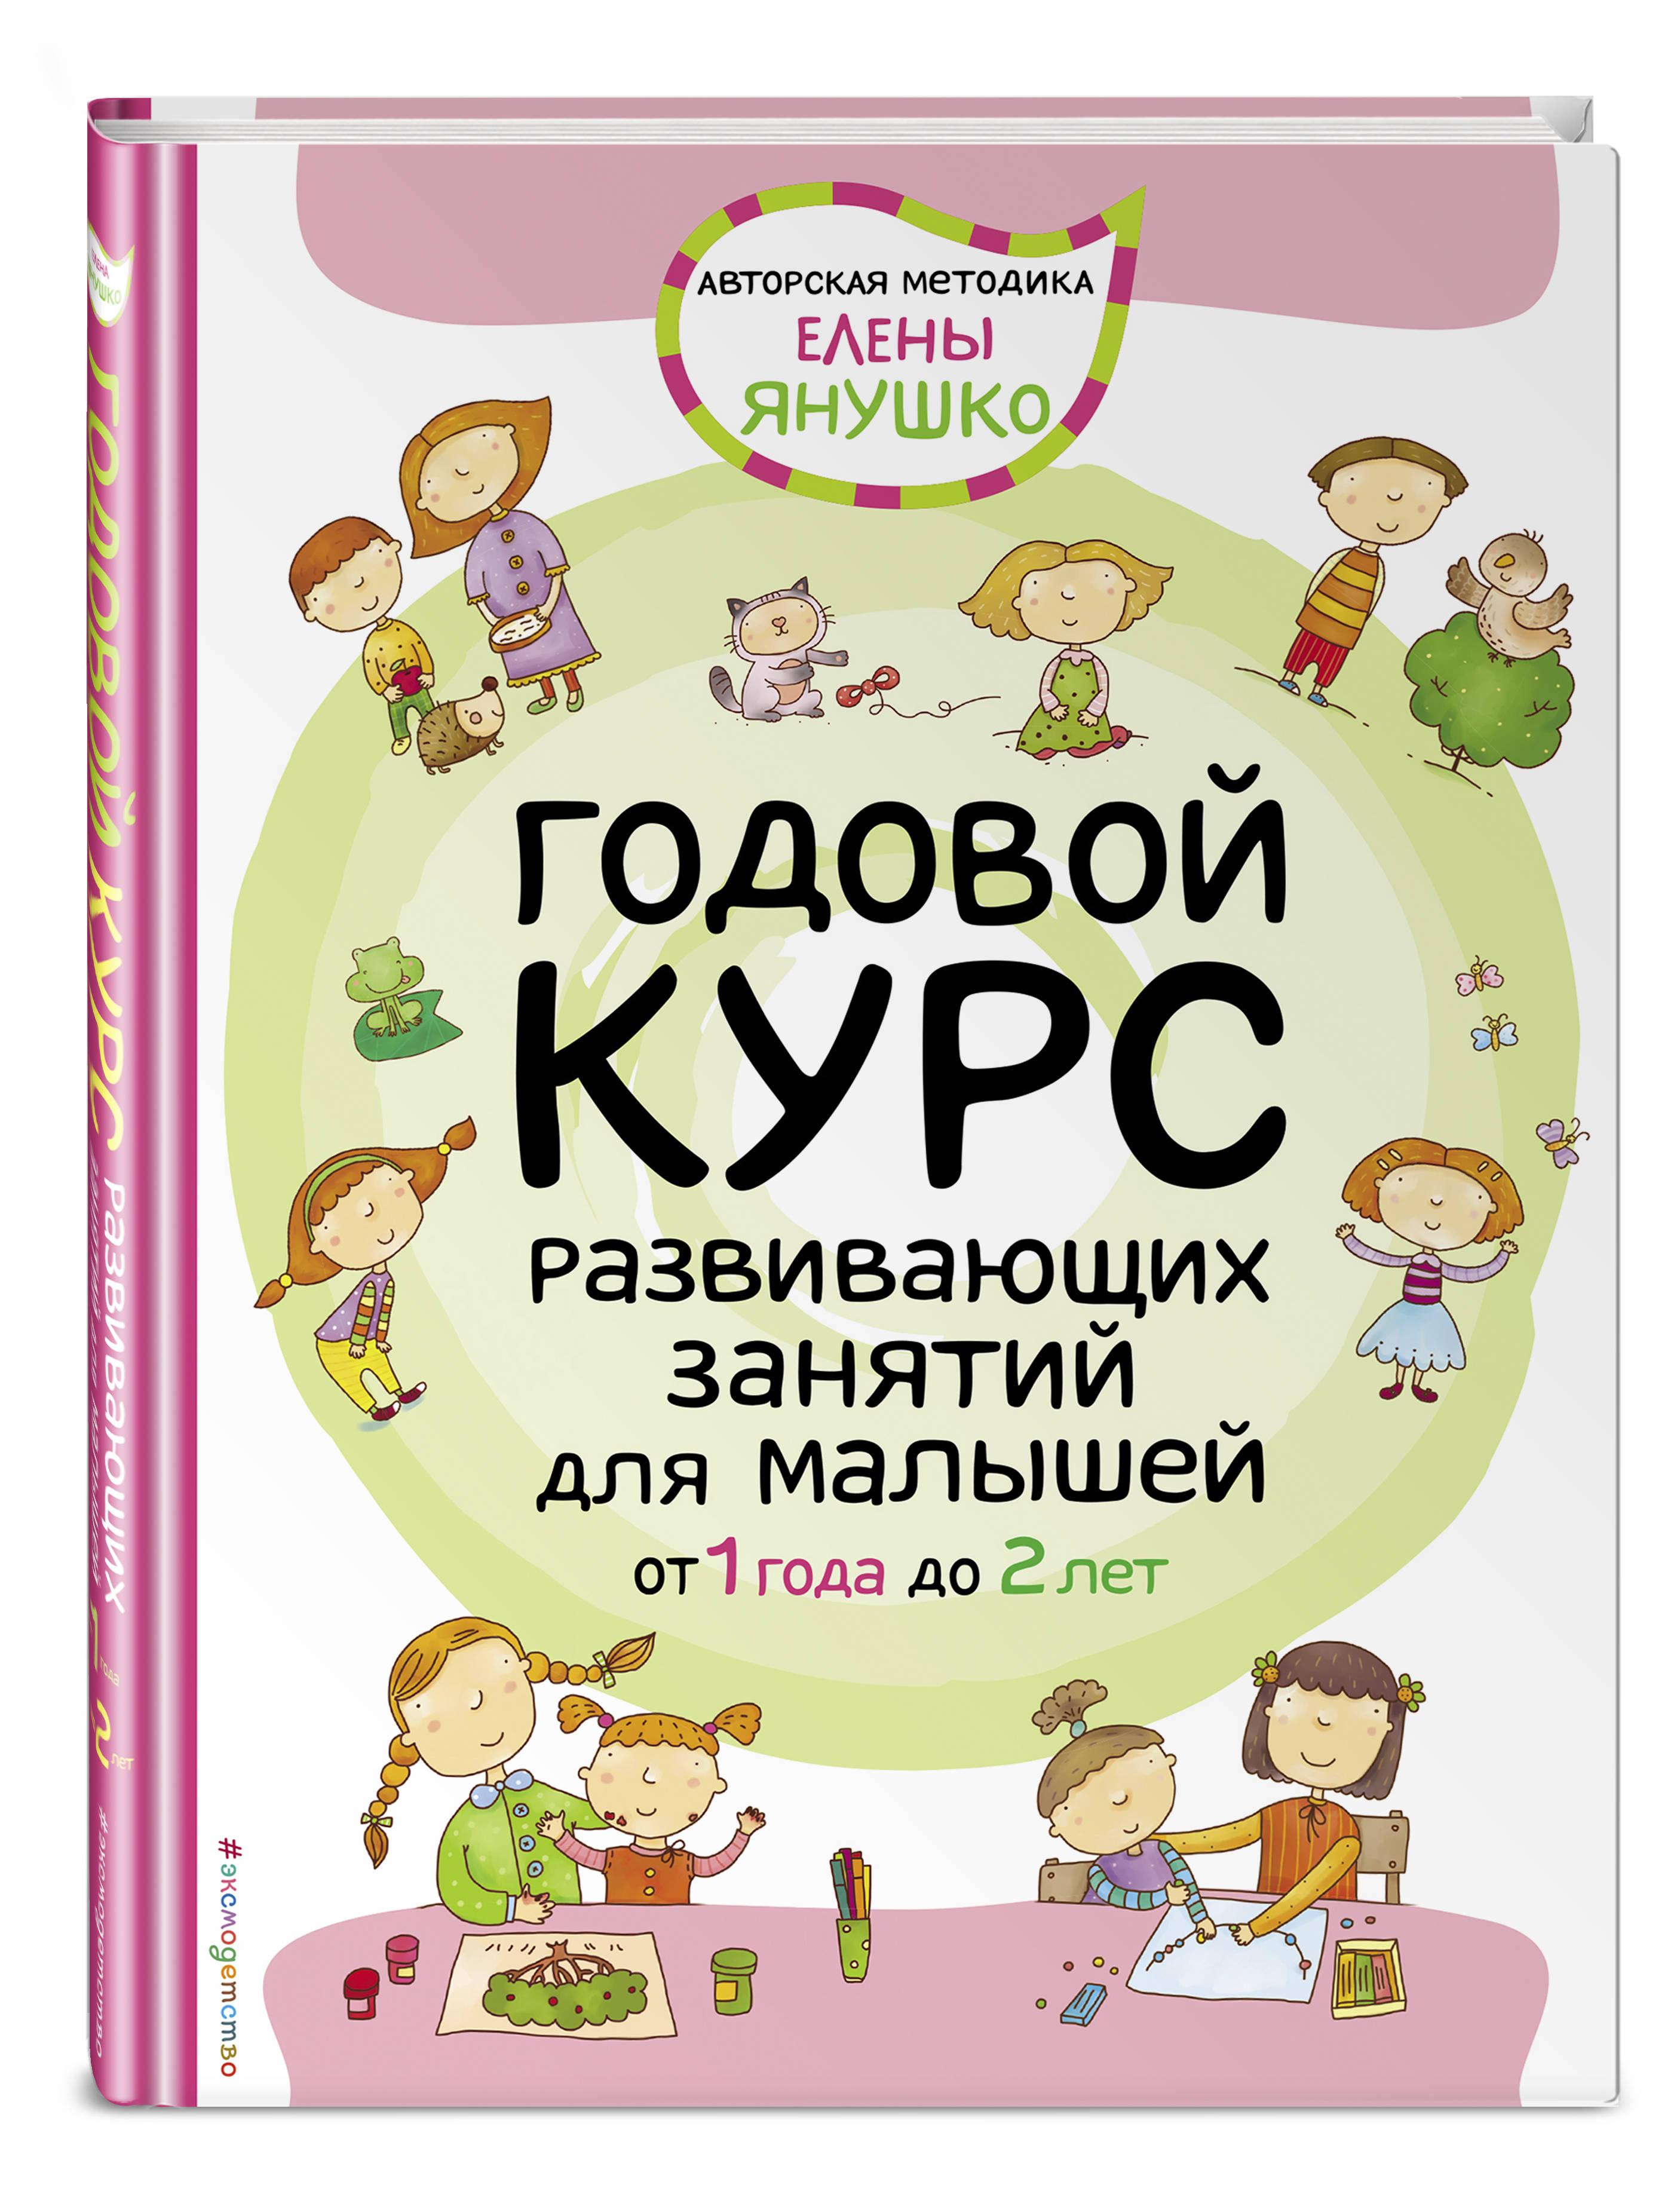 Янушко Е.А. 1+ Годовой курс развивающих занятий для малышей янушко е маленькие истории про котенка развитие речи для детей от 1 года